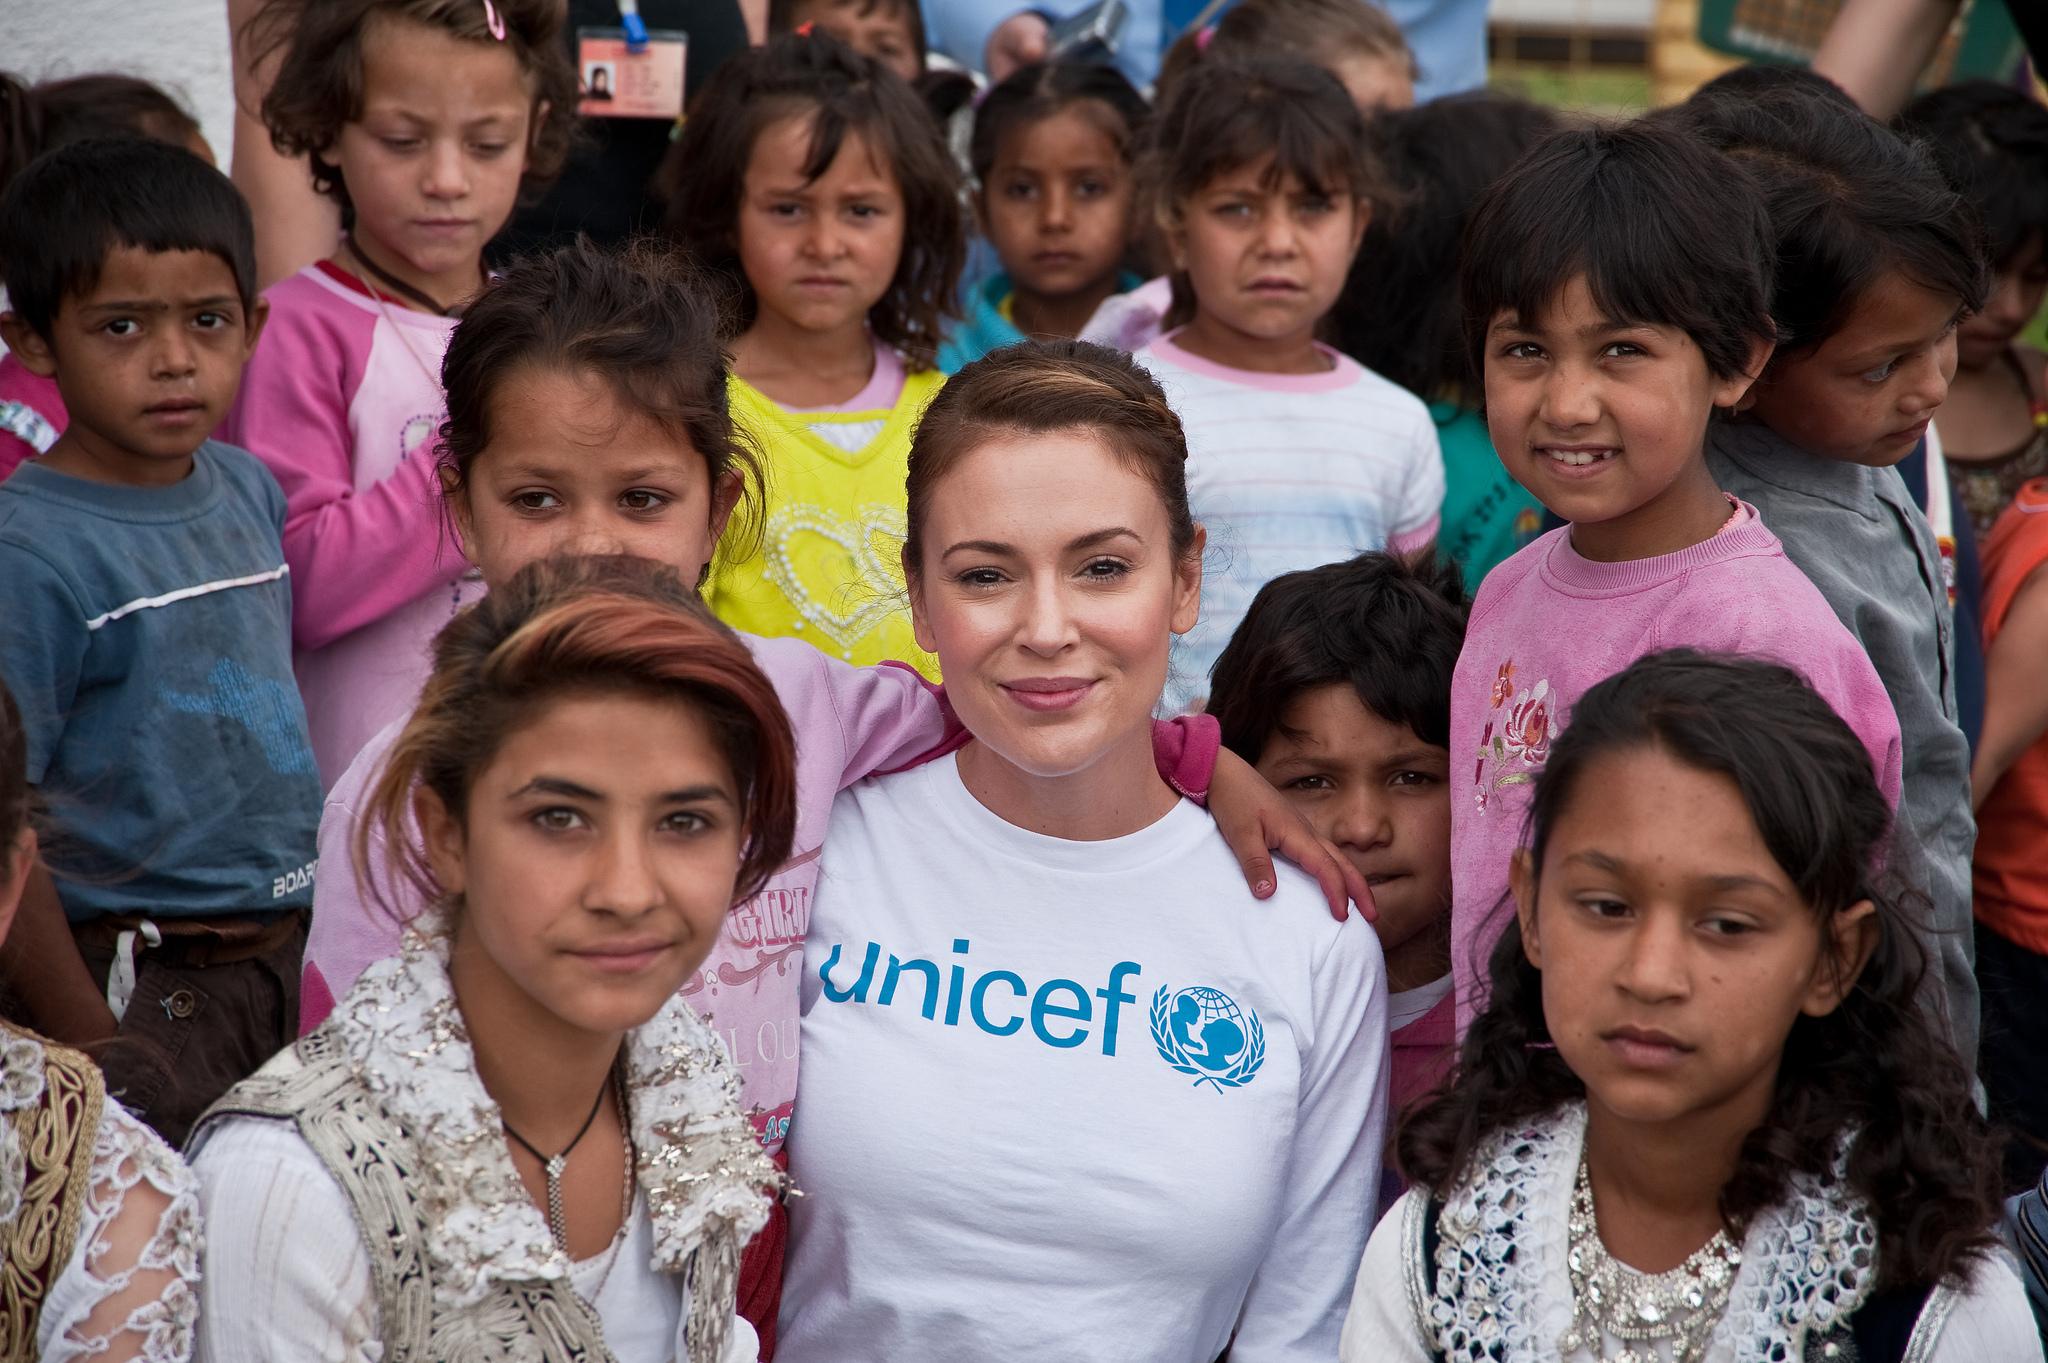 L'attrice Alyssa Milano con bambini della comunità rom, ashkala ed egiziana a Gjakove, Kosovo (Credits: UNICEF Kosovo / Atdhe Mulla / Flickr/ 2010)